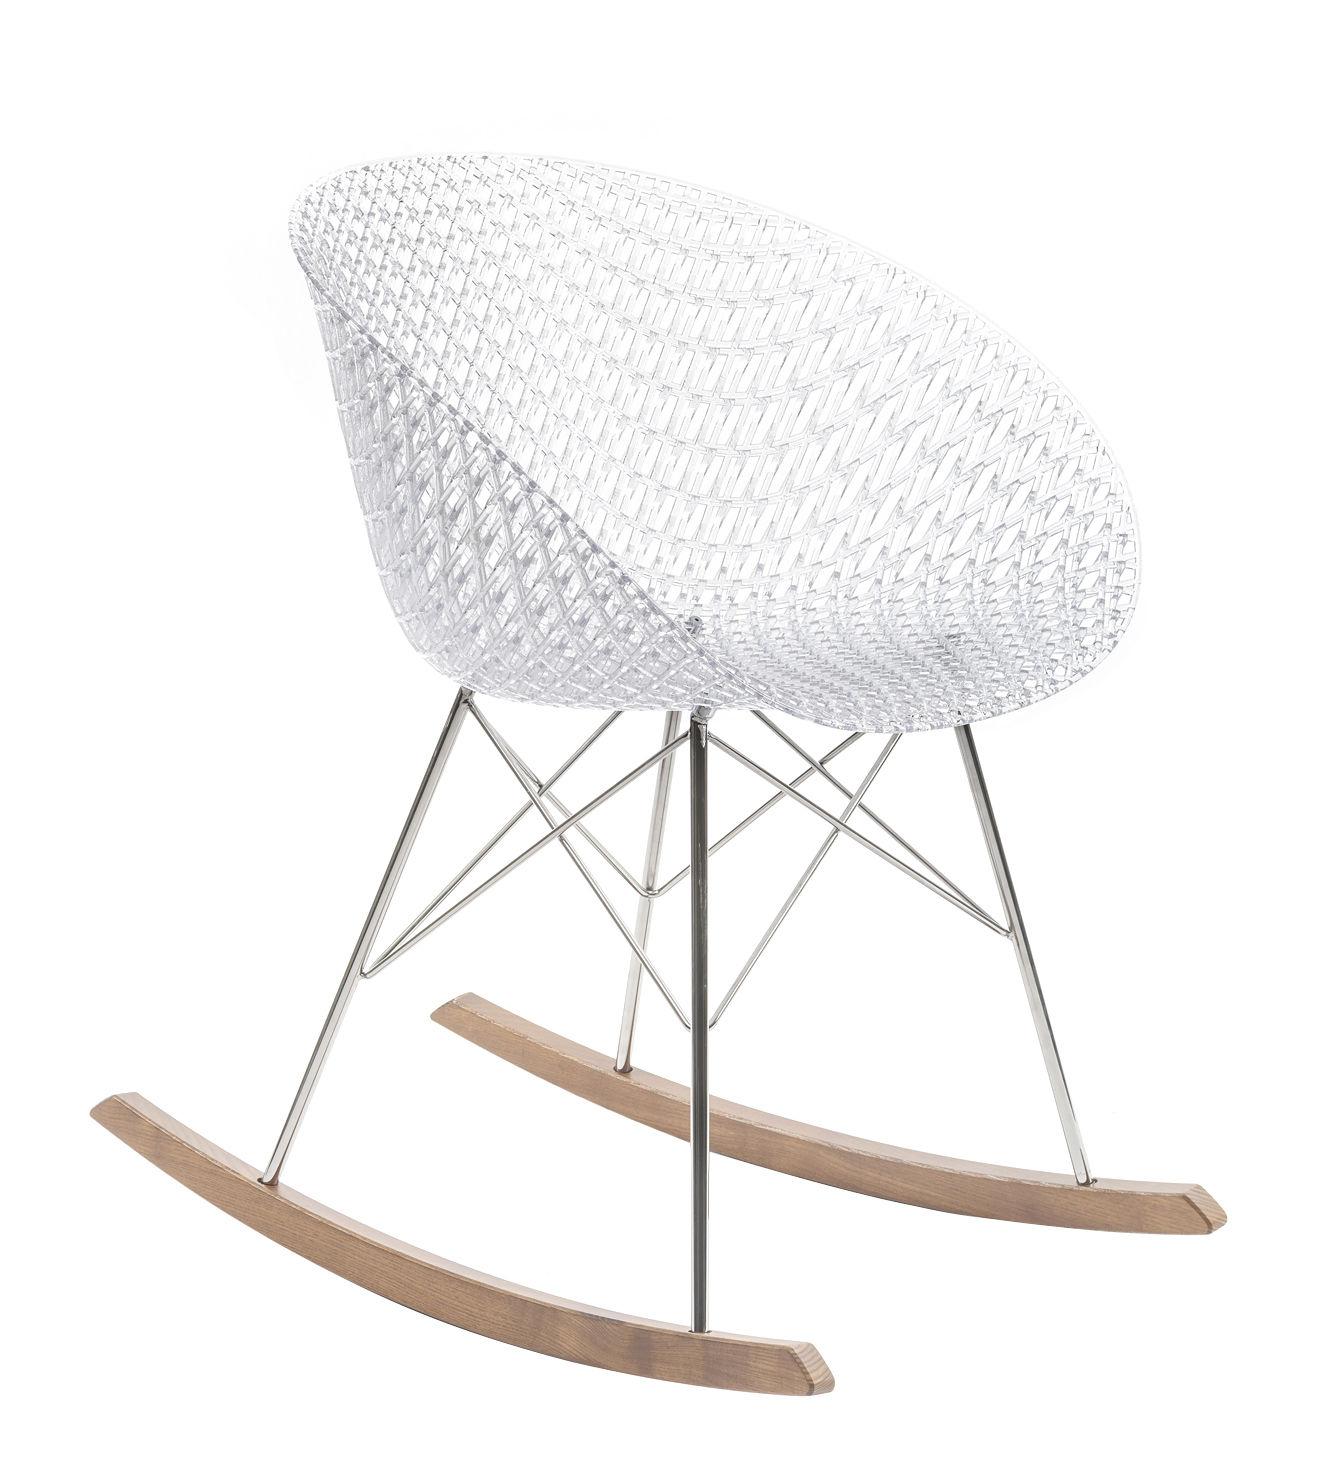 Mobilier - Fauteuils - Rocking chair Smatrik / Patins bois - Kartell - Cristal - Acier chromé, Bois, Polycarbonate